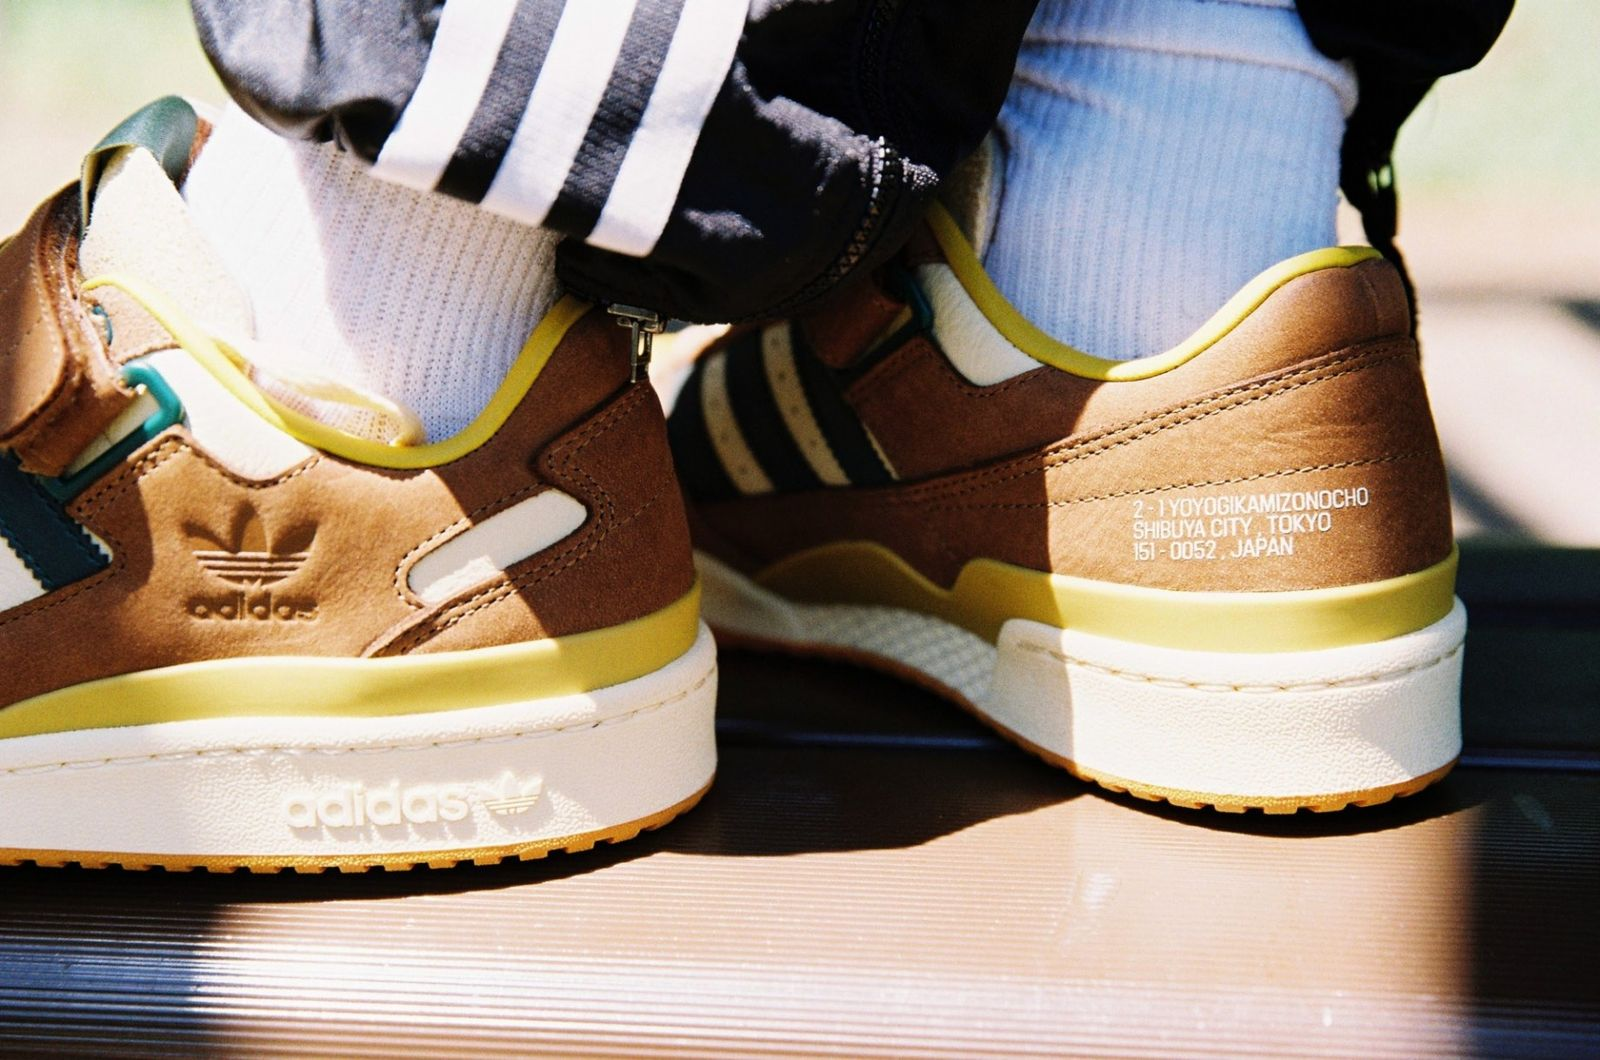 adidas-originals-atmos-yoyogi-park-pack-lb-5